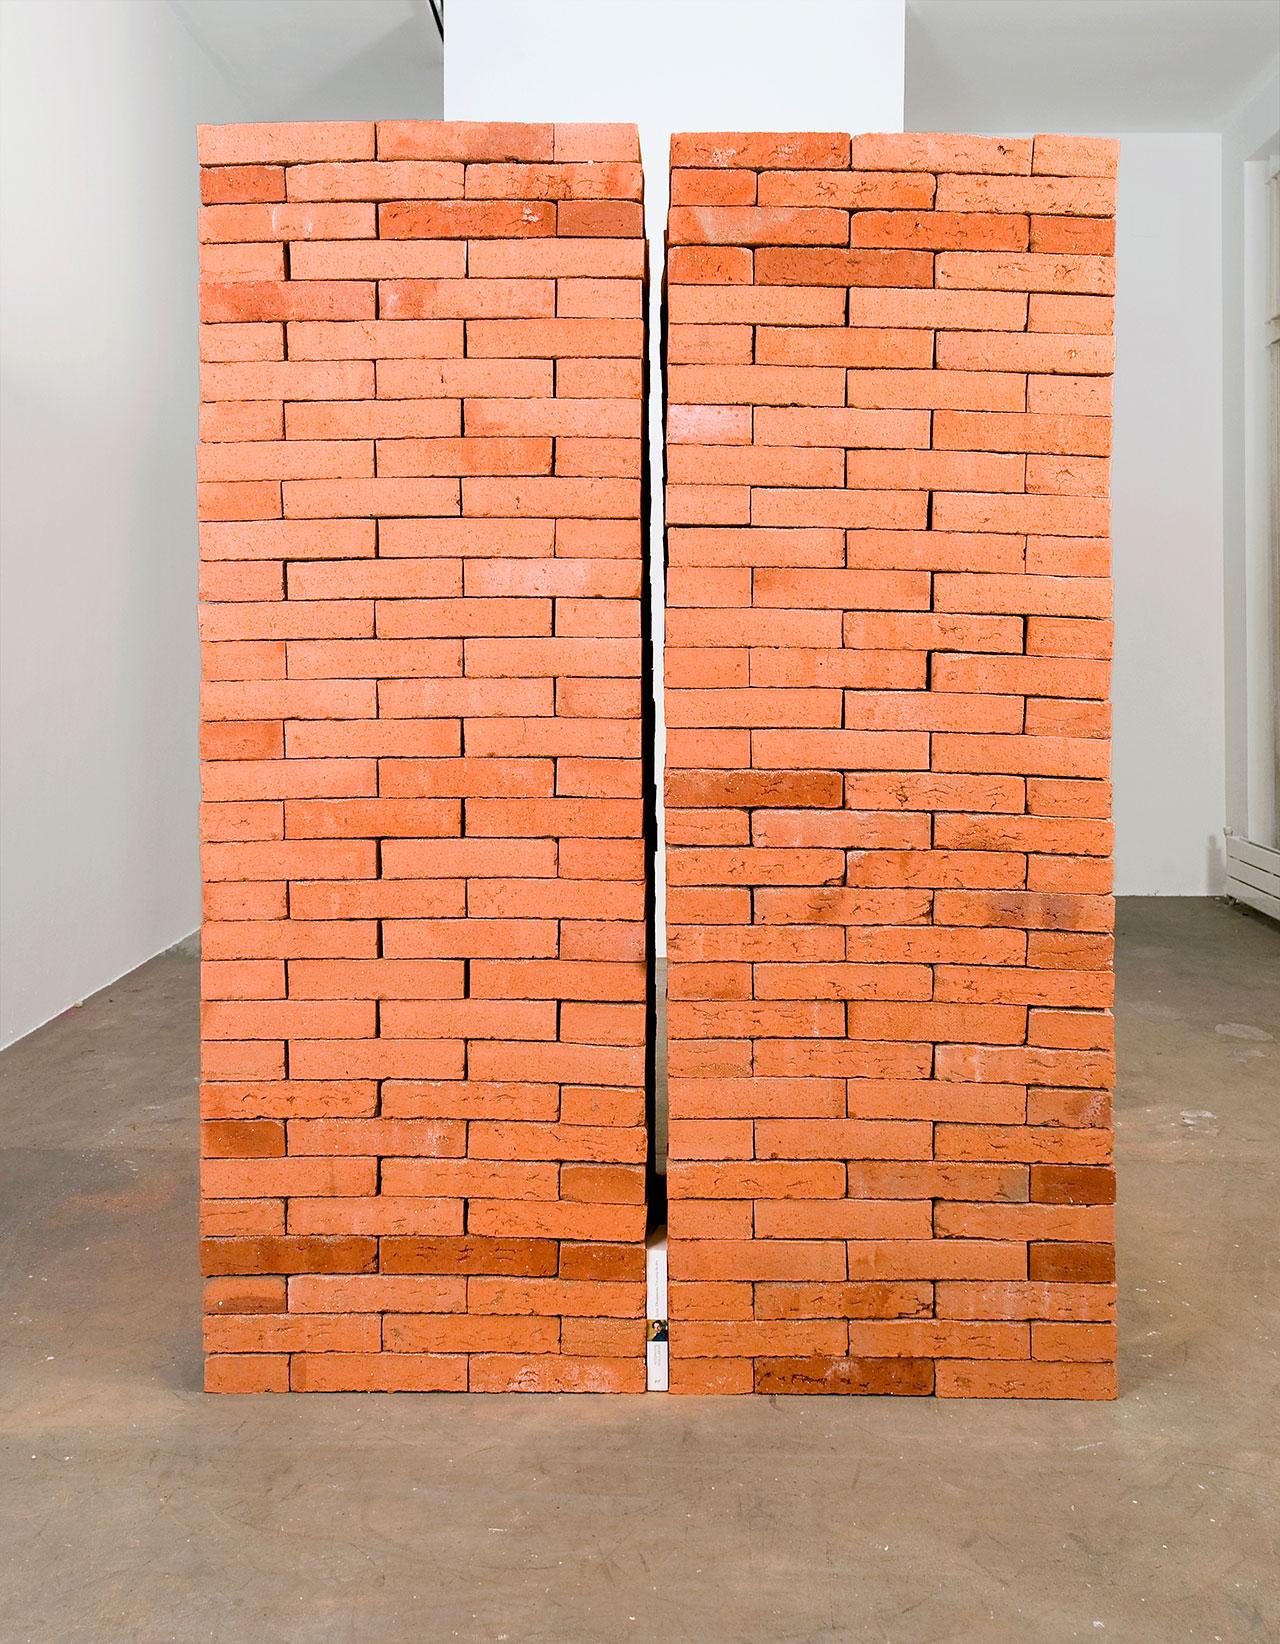 Du fond d'un naufrage 2011 Bricks, edition of 'Poésies et autres textes' by Stéphane Mallarmé 161 x 120 x 106 cm Photo © Jorge Méndez Blake.